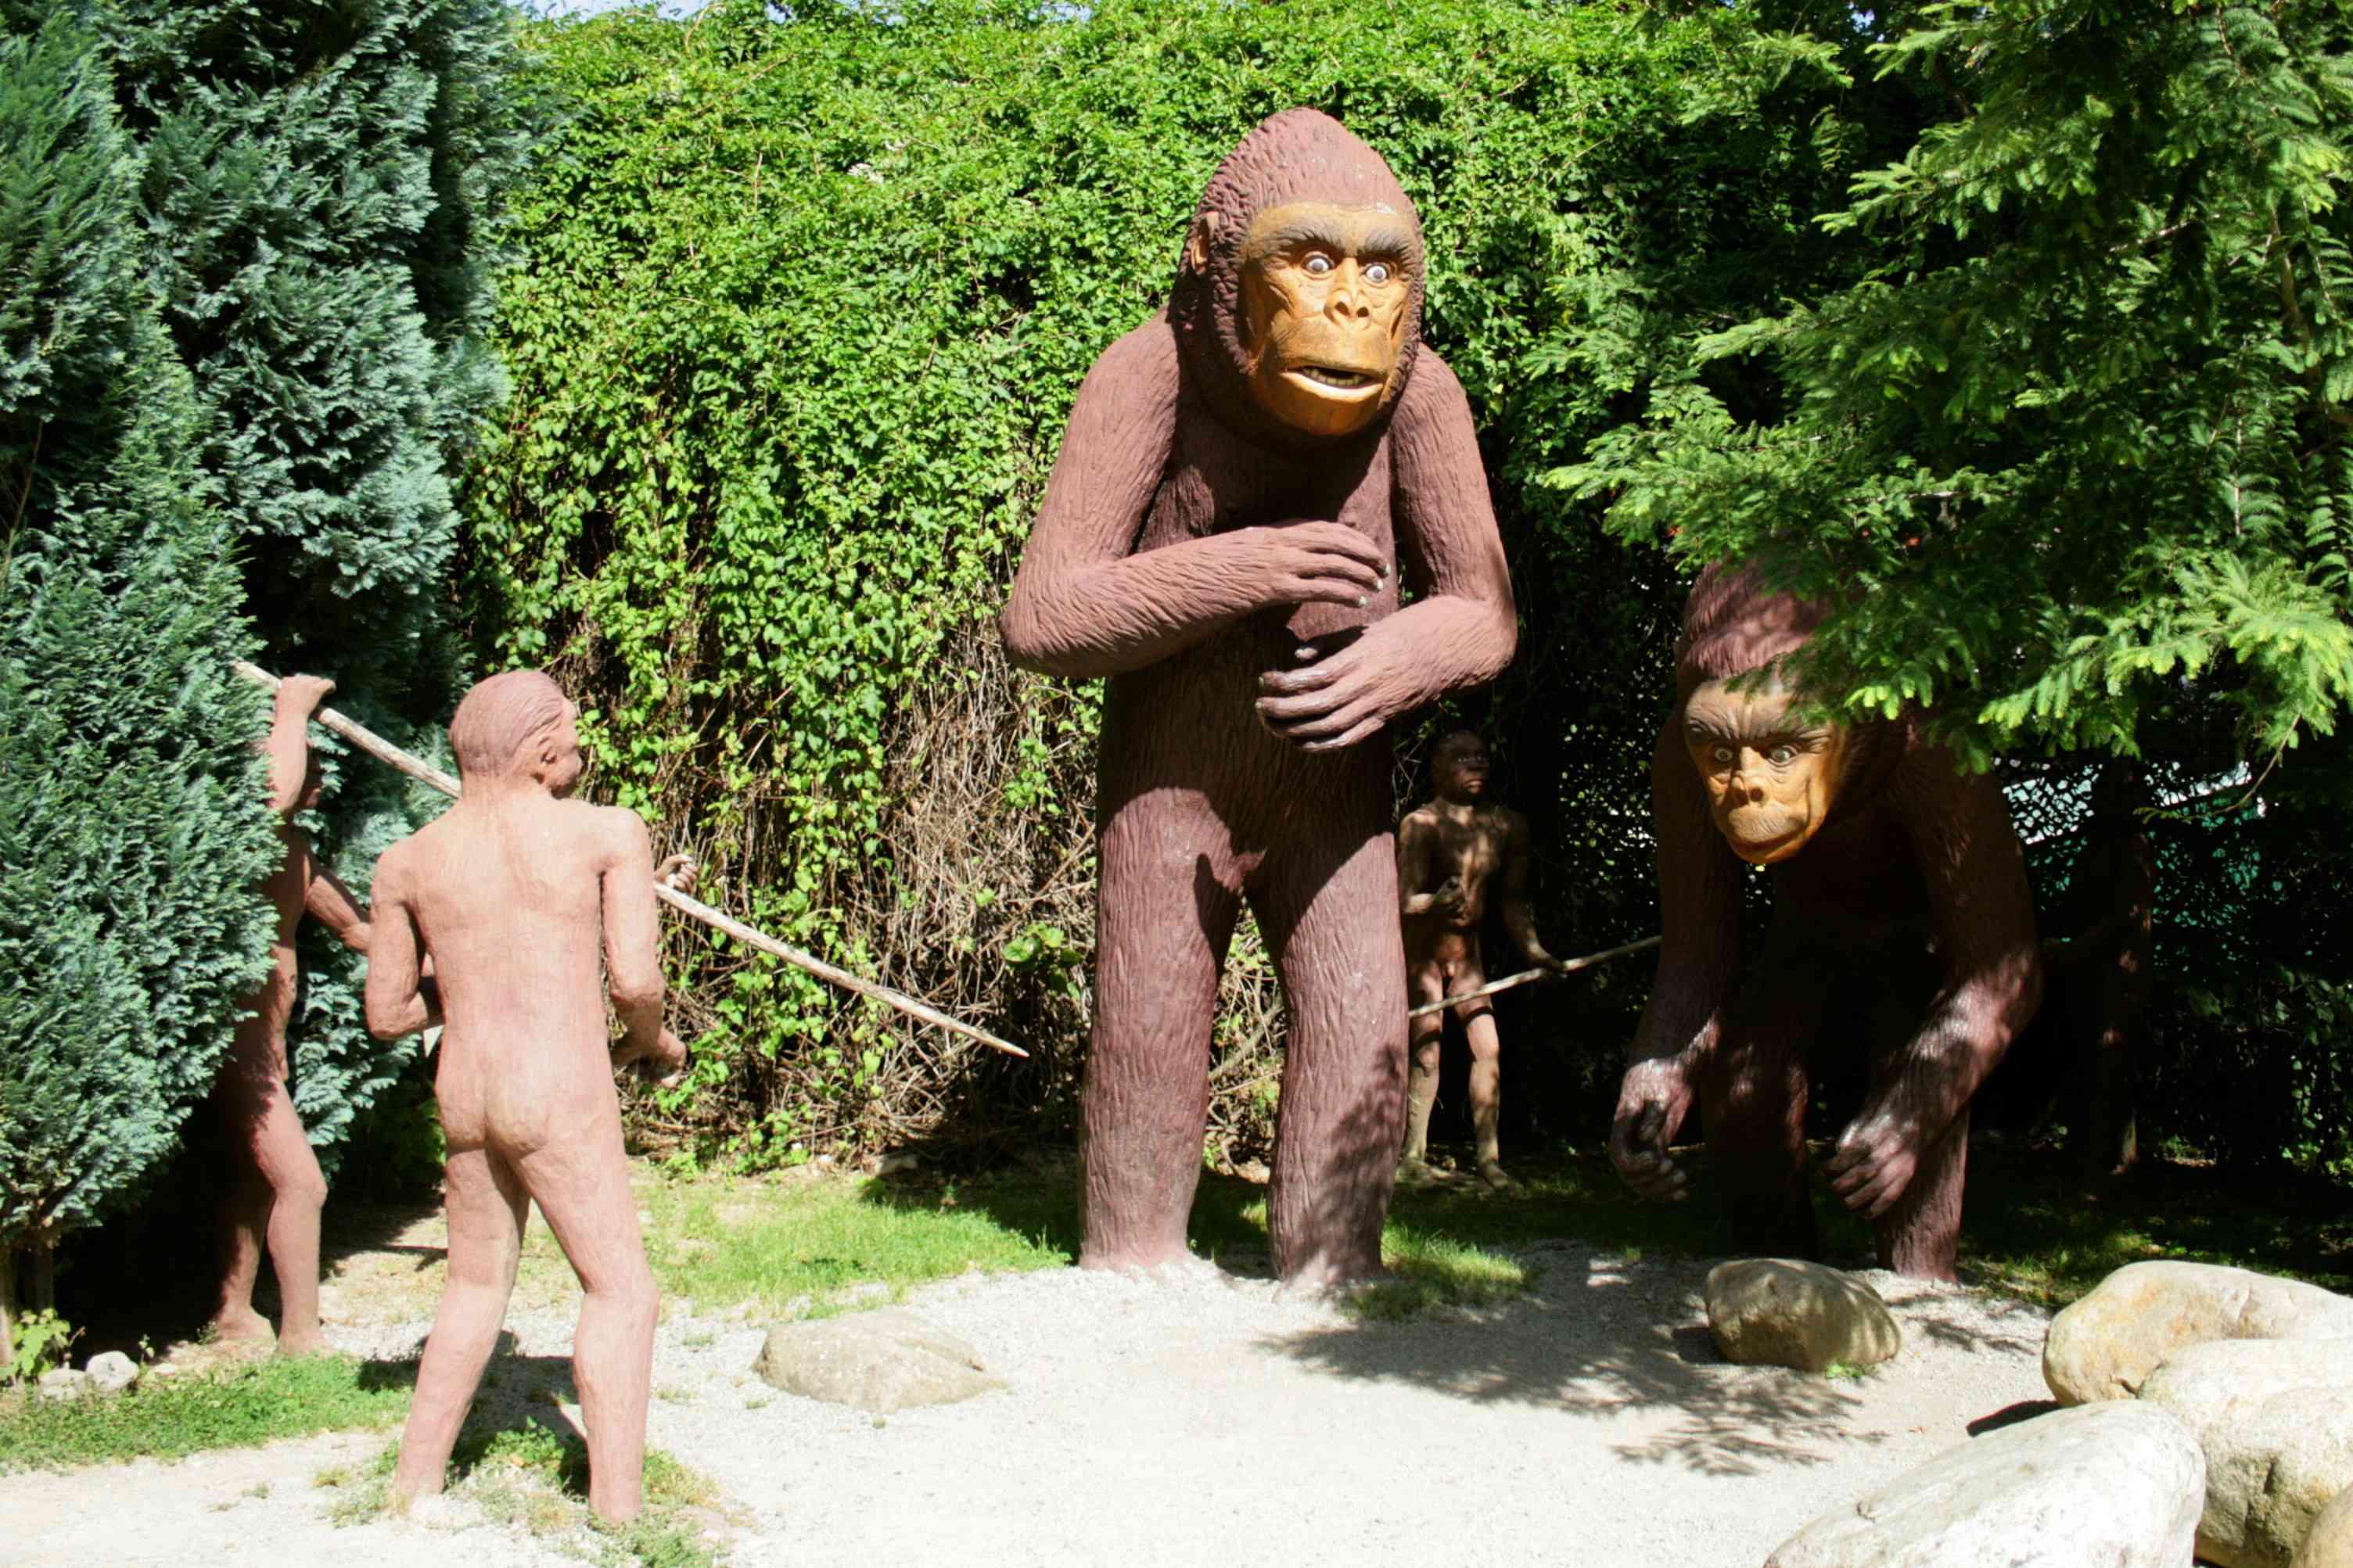 outdoor sculpture of two gigantopithecus that look like bigfoot